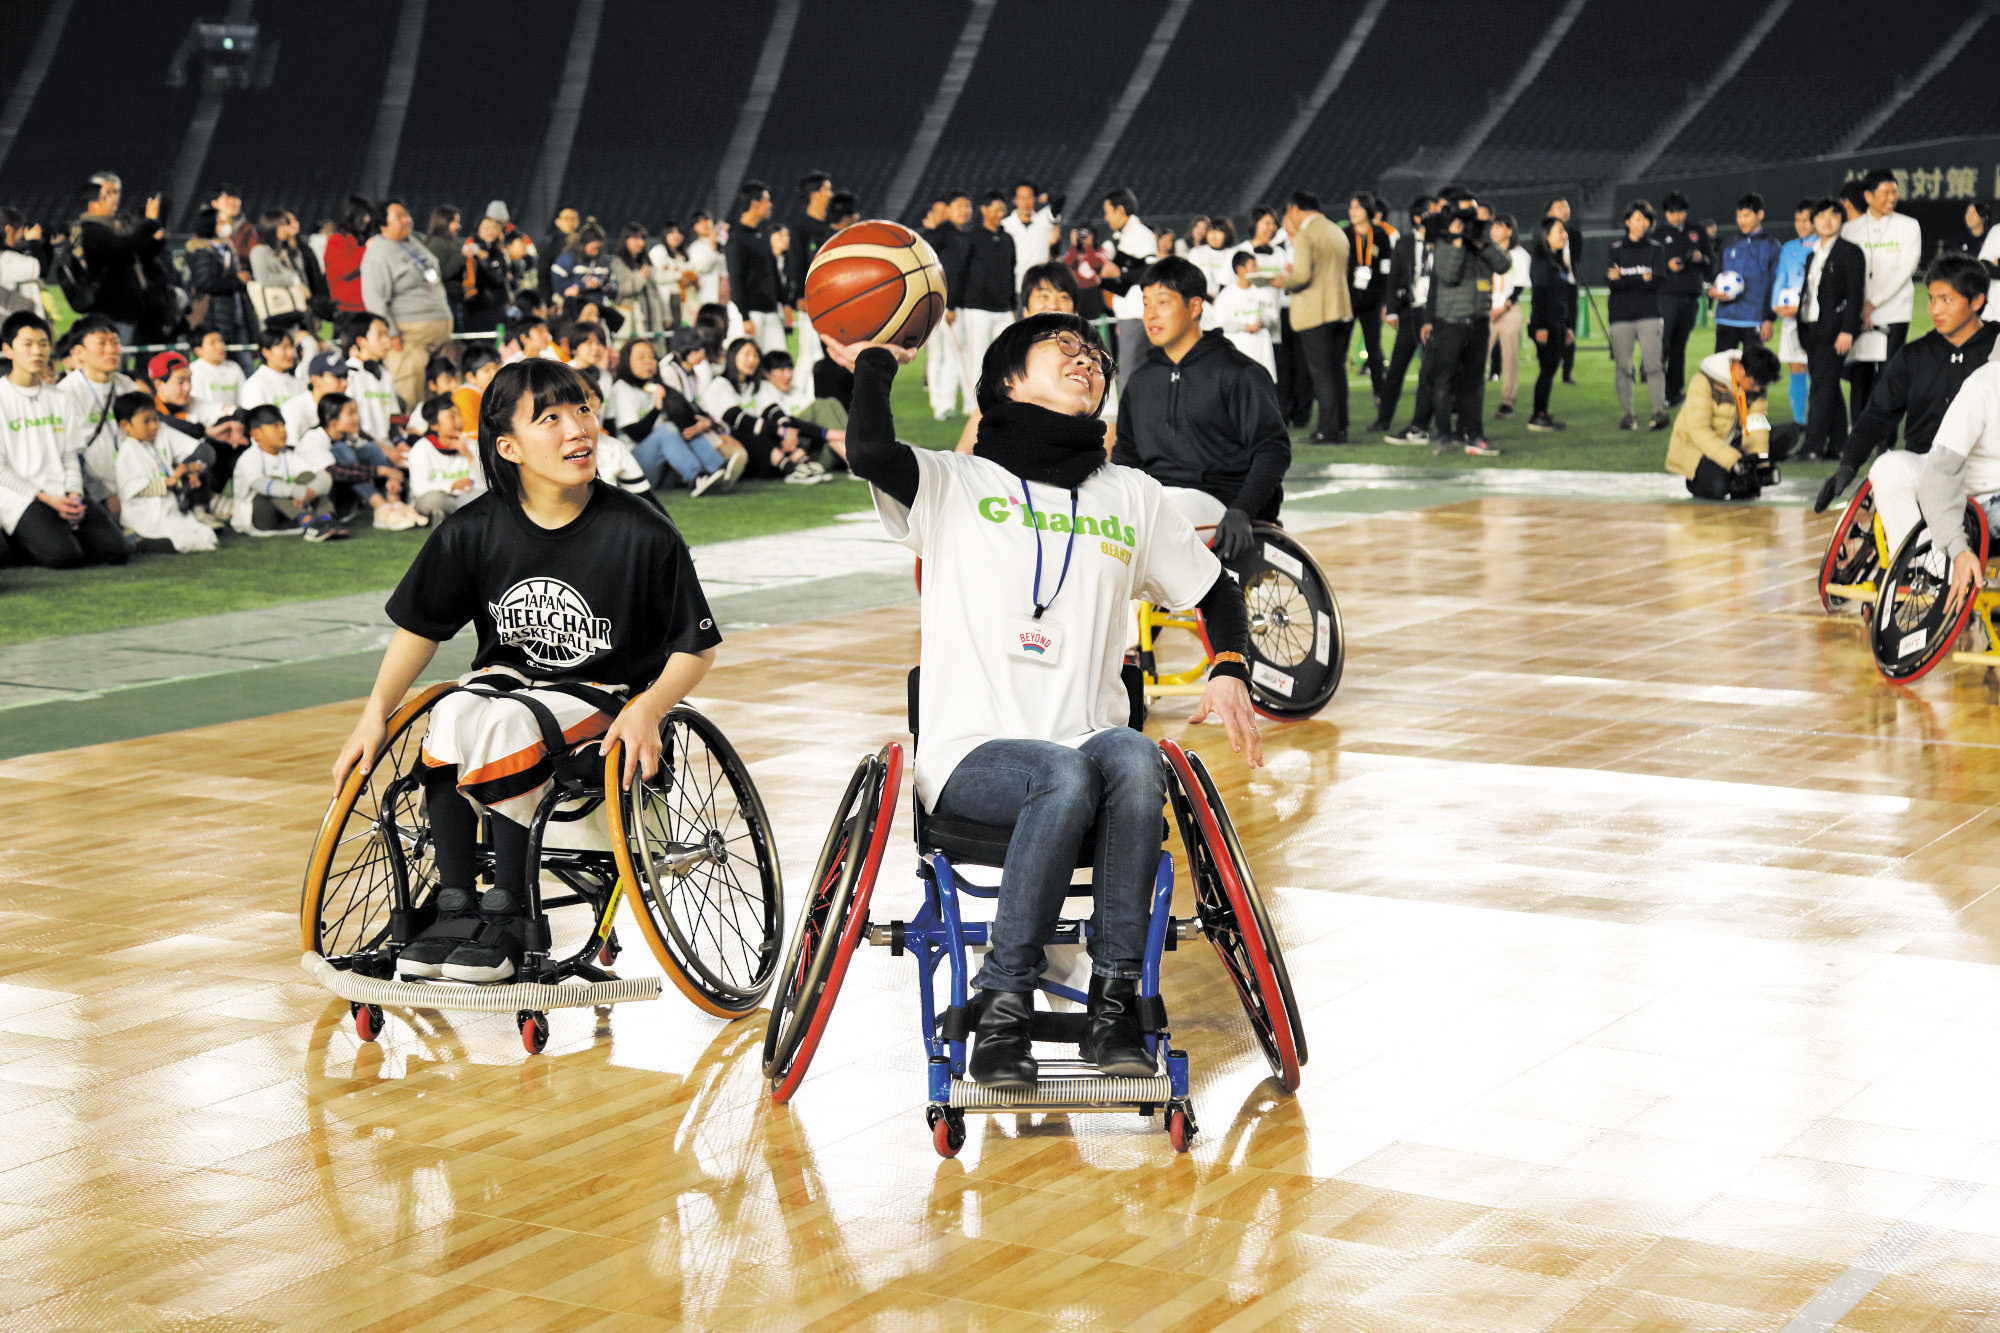 魅力 たくさん パラスポーツって楽しい!「G-handsデー」レポート